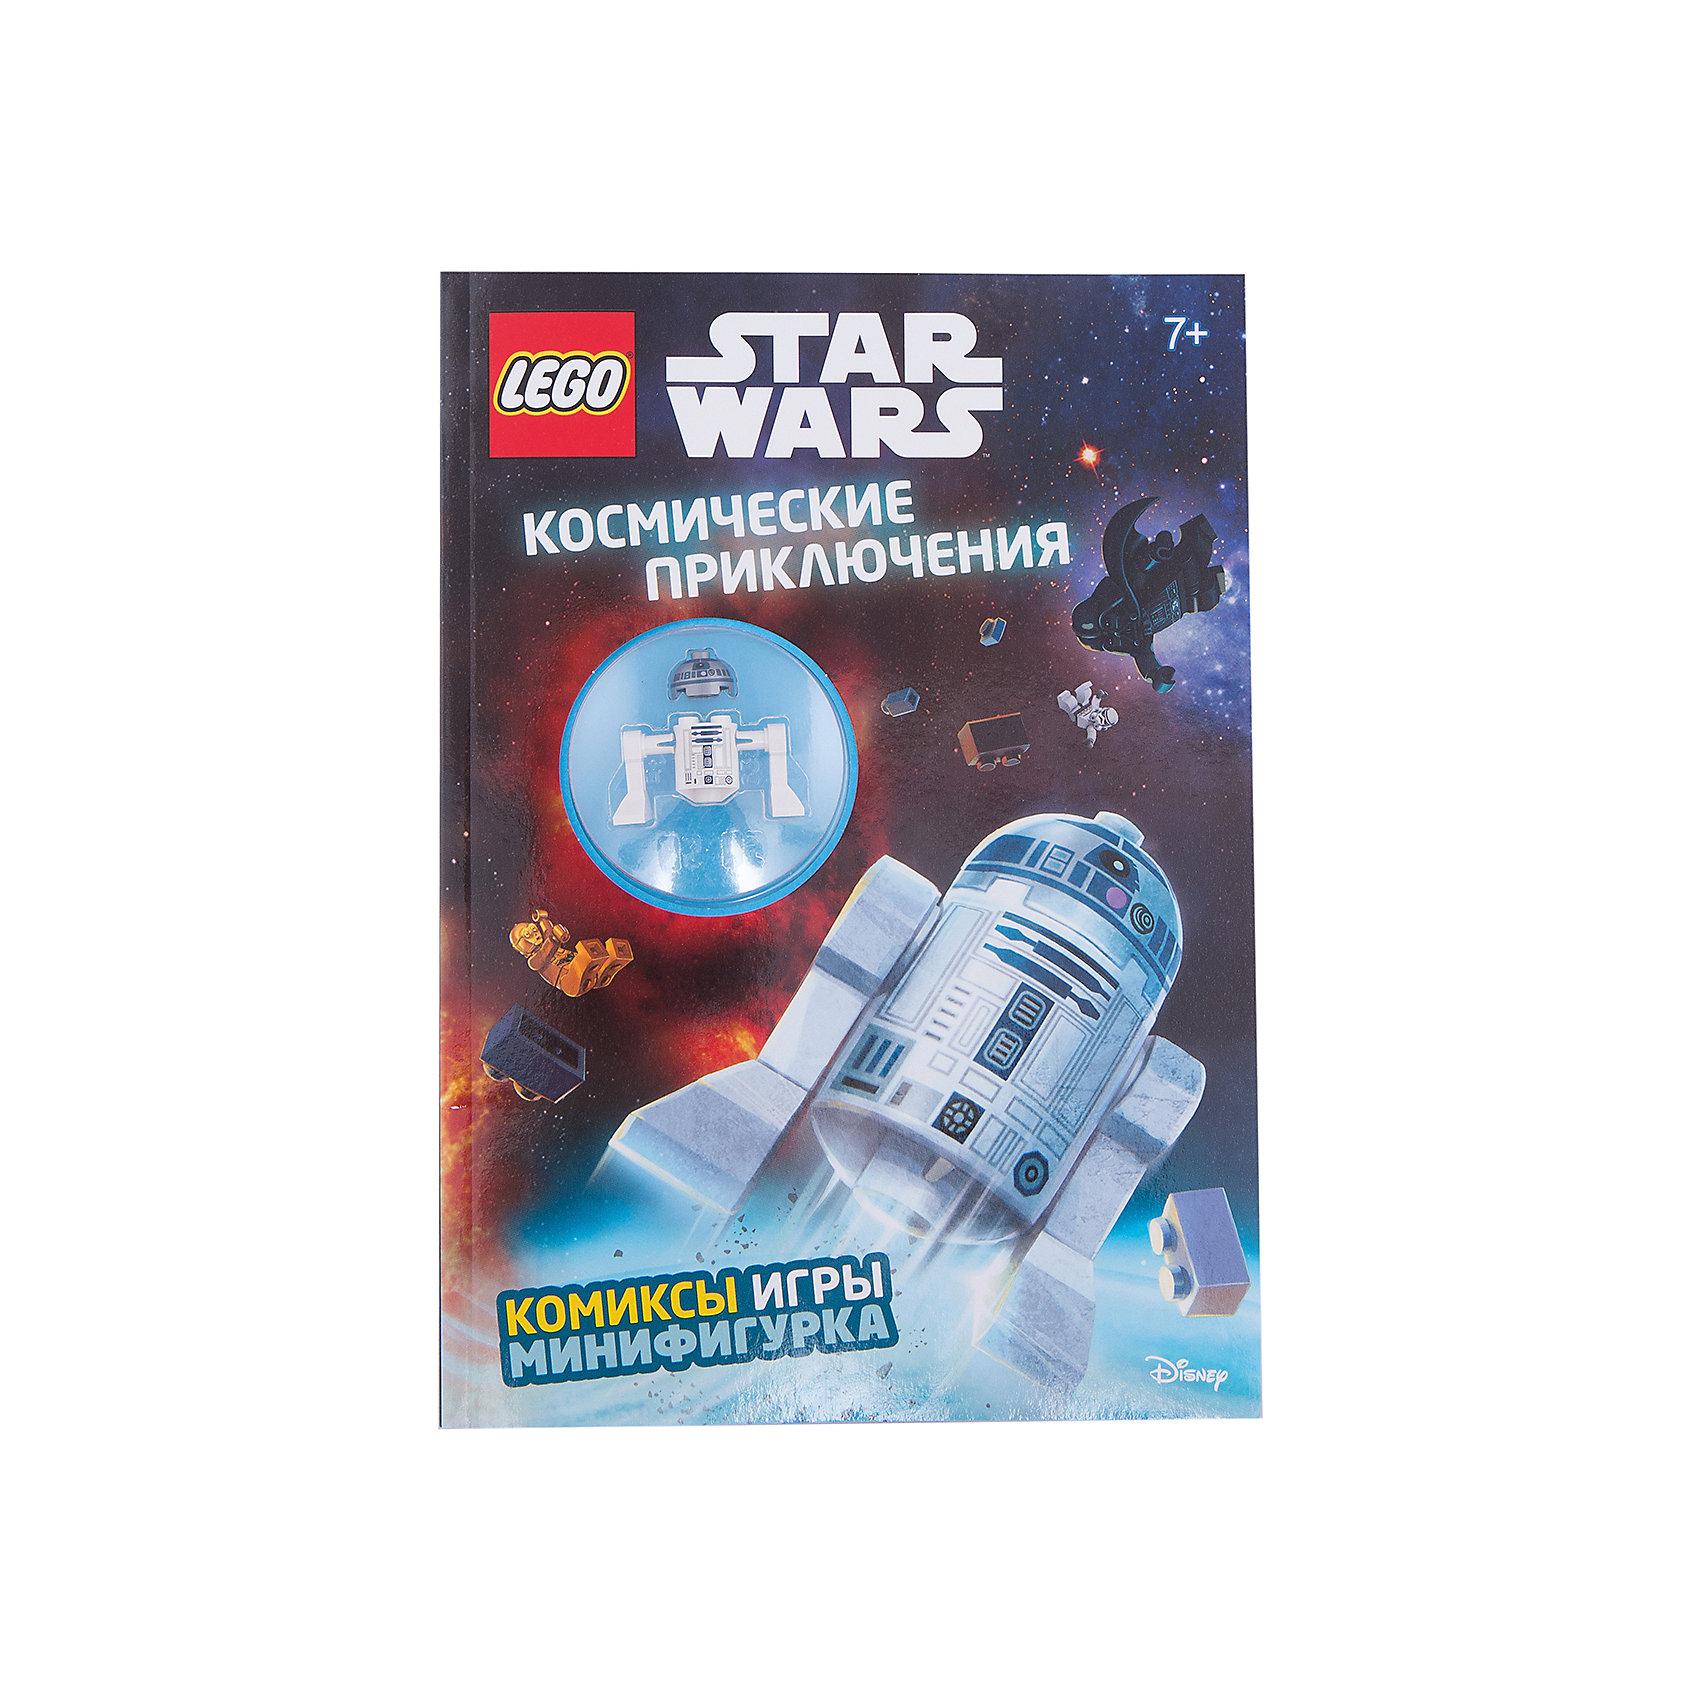 Космические приключенияКниги для мальчиков<br>Характеристики товара: <br><br>• ISBN: 9785699912414<br>• возраст от: 6 лет<br>• формат: 60x84/8<br>• бумага: мелованная<br>• обложка: мягкая<br>• иллюстрации: цветные<br>• серия: LEGO Звёздные Войны. Книги со сборными фигурками<br>• издательство: Эксмо<br>• переводчик: Цветкова Н. В.<br>• количество страниц: 32<br>• размеры: 29x20 см<br><br>Вселенную из фильма «Звездные войны» обожают многие современные дети. Этот журнал поможет снова встретиться с любимыми героями, выполняя интересные задания и читая про новые приключения.<br><br>Отличное качество печати, красочные иллюстрации, минифигурка, которую можно собрать самостоятельно - всё это поможет проникнуться атмосферой любимой вселенной.<br><br>«Космические приключения» можно купить в нашем интернет-магазине.<br><br>Ширина мм: 280<br>Глубина мм: 210<br>Высота мм: 110<br>Вес г: 186<br>Возраст от месяцев: 84<br>Возраст до месяцев: 2147483647<br>Пол: Унисекс<br>Возраст: Детский<br>SKU: 5535321